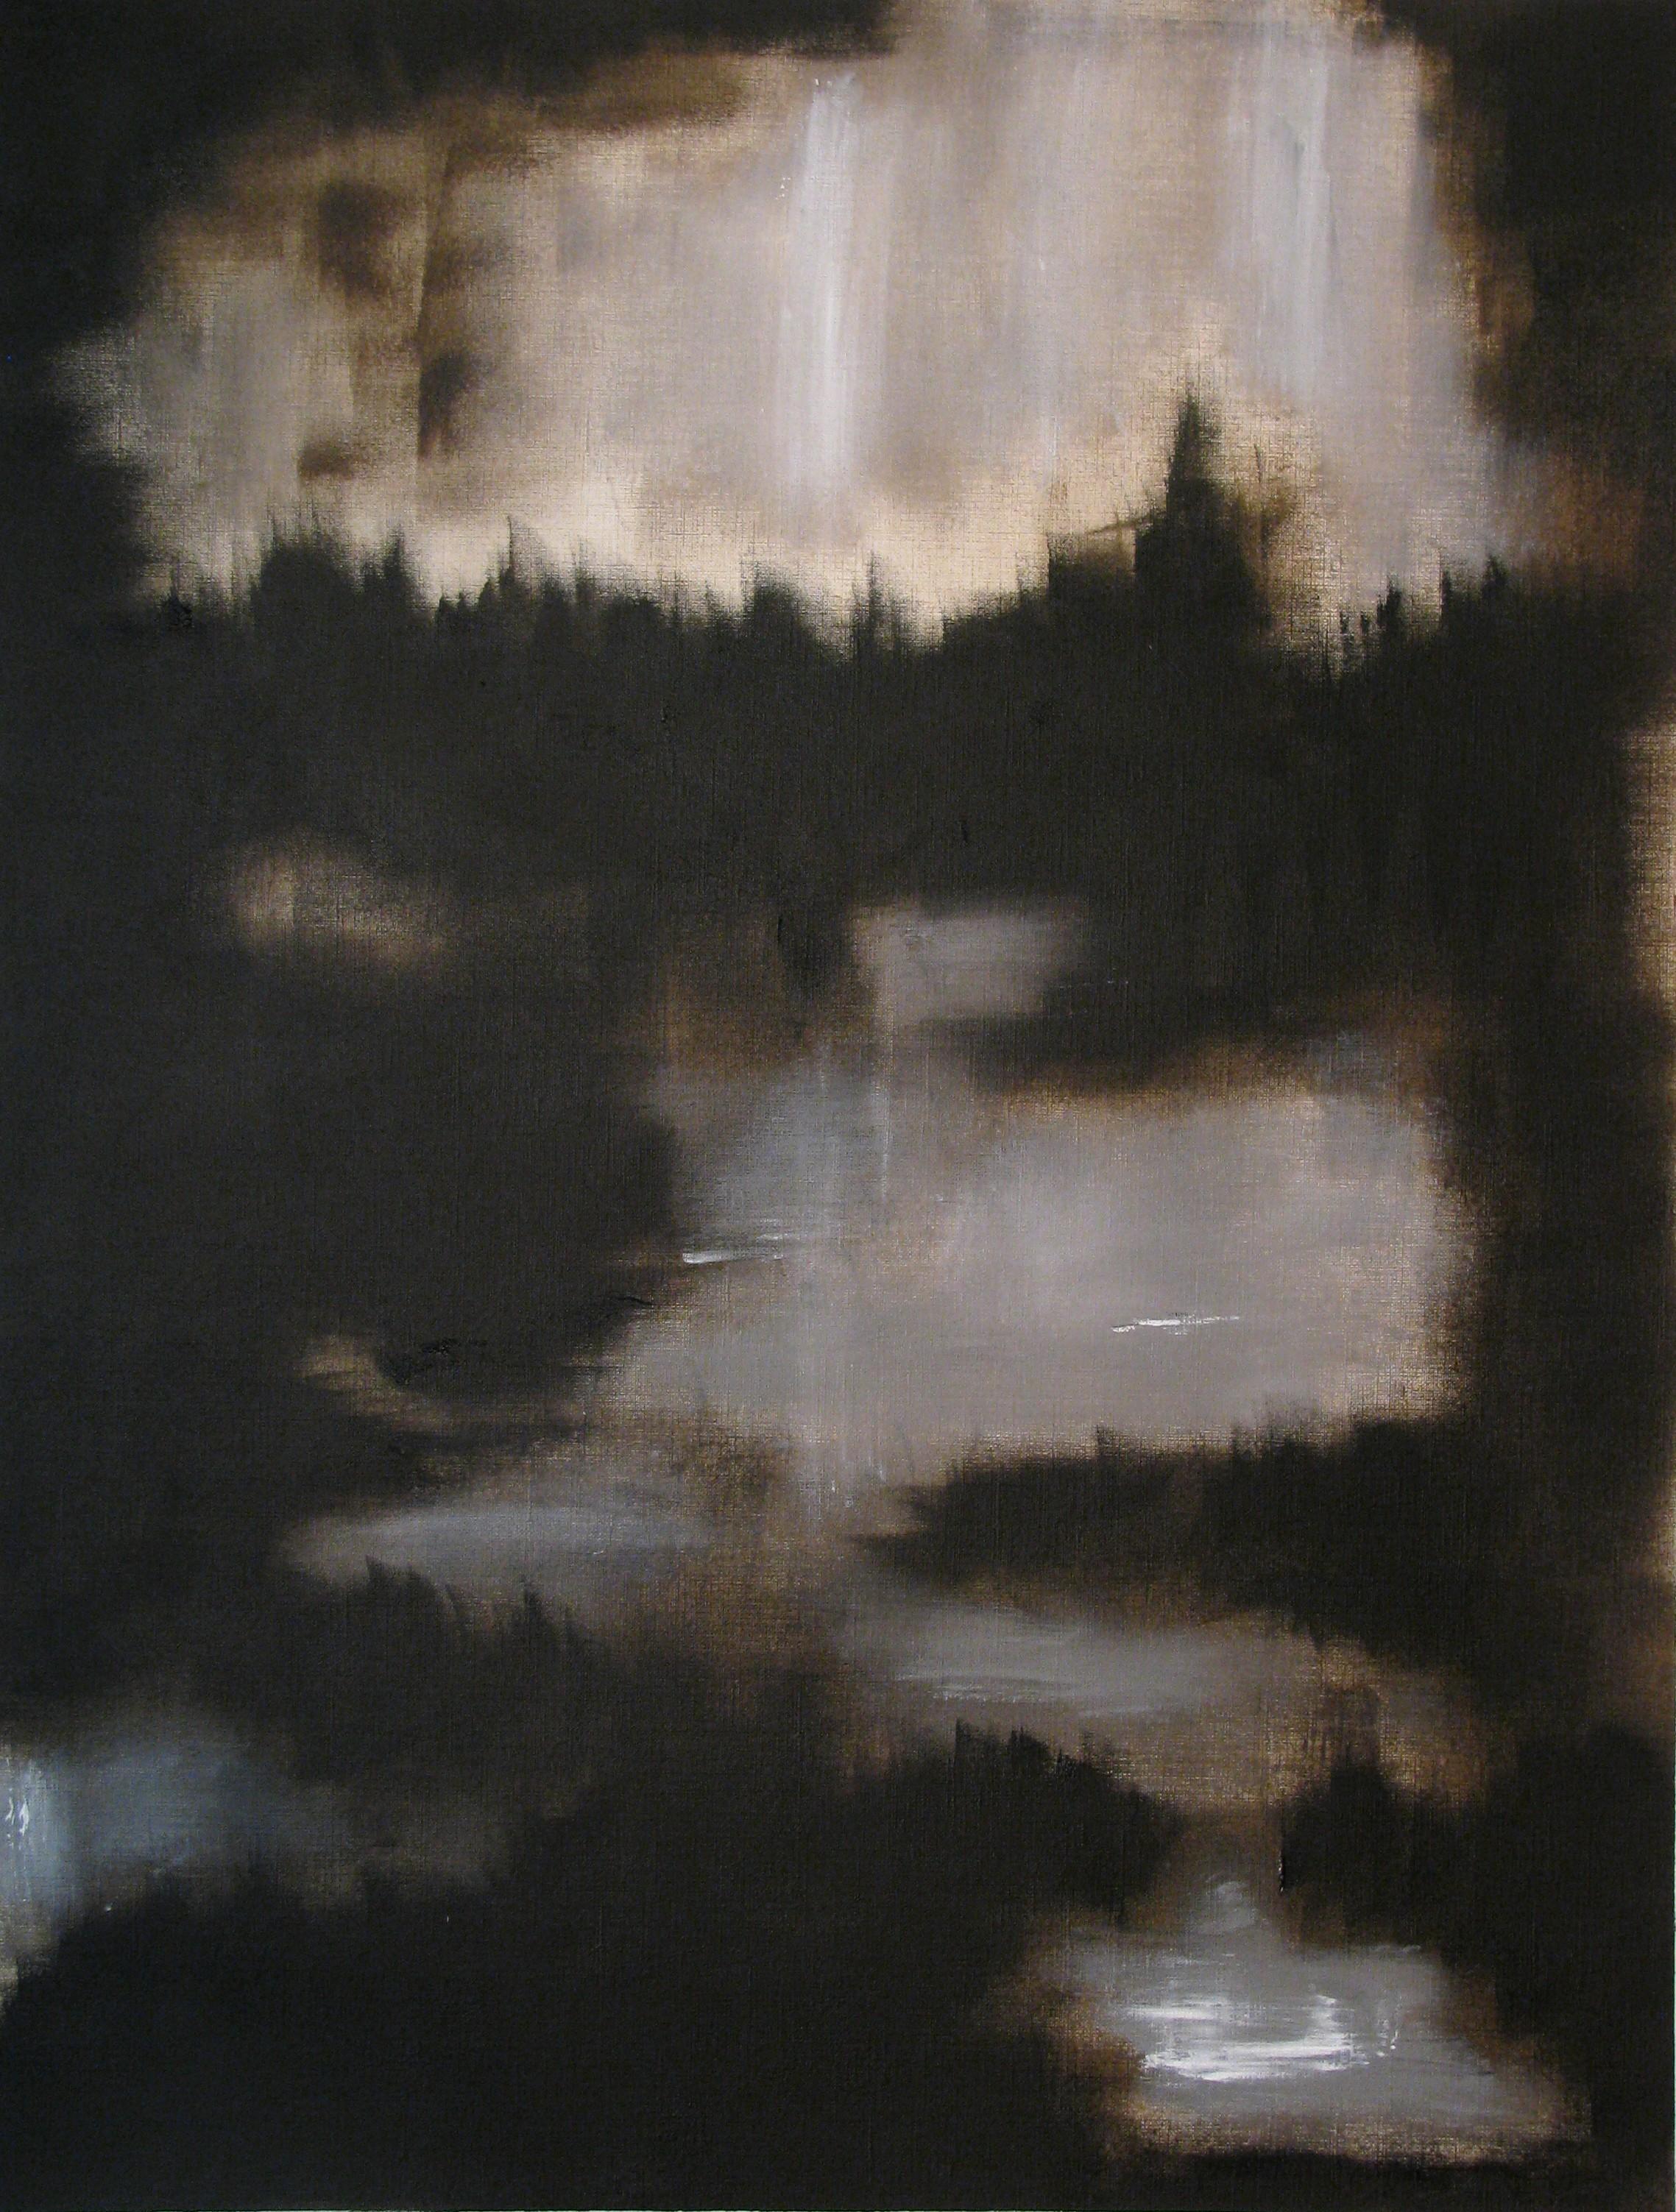 Peinture de marecage